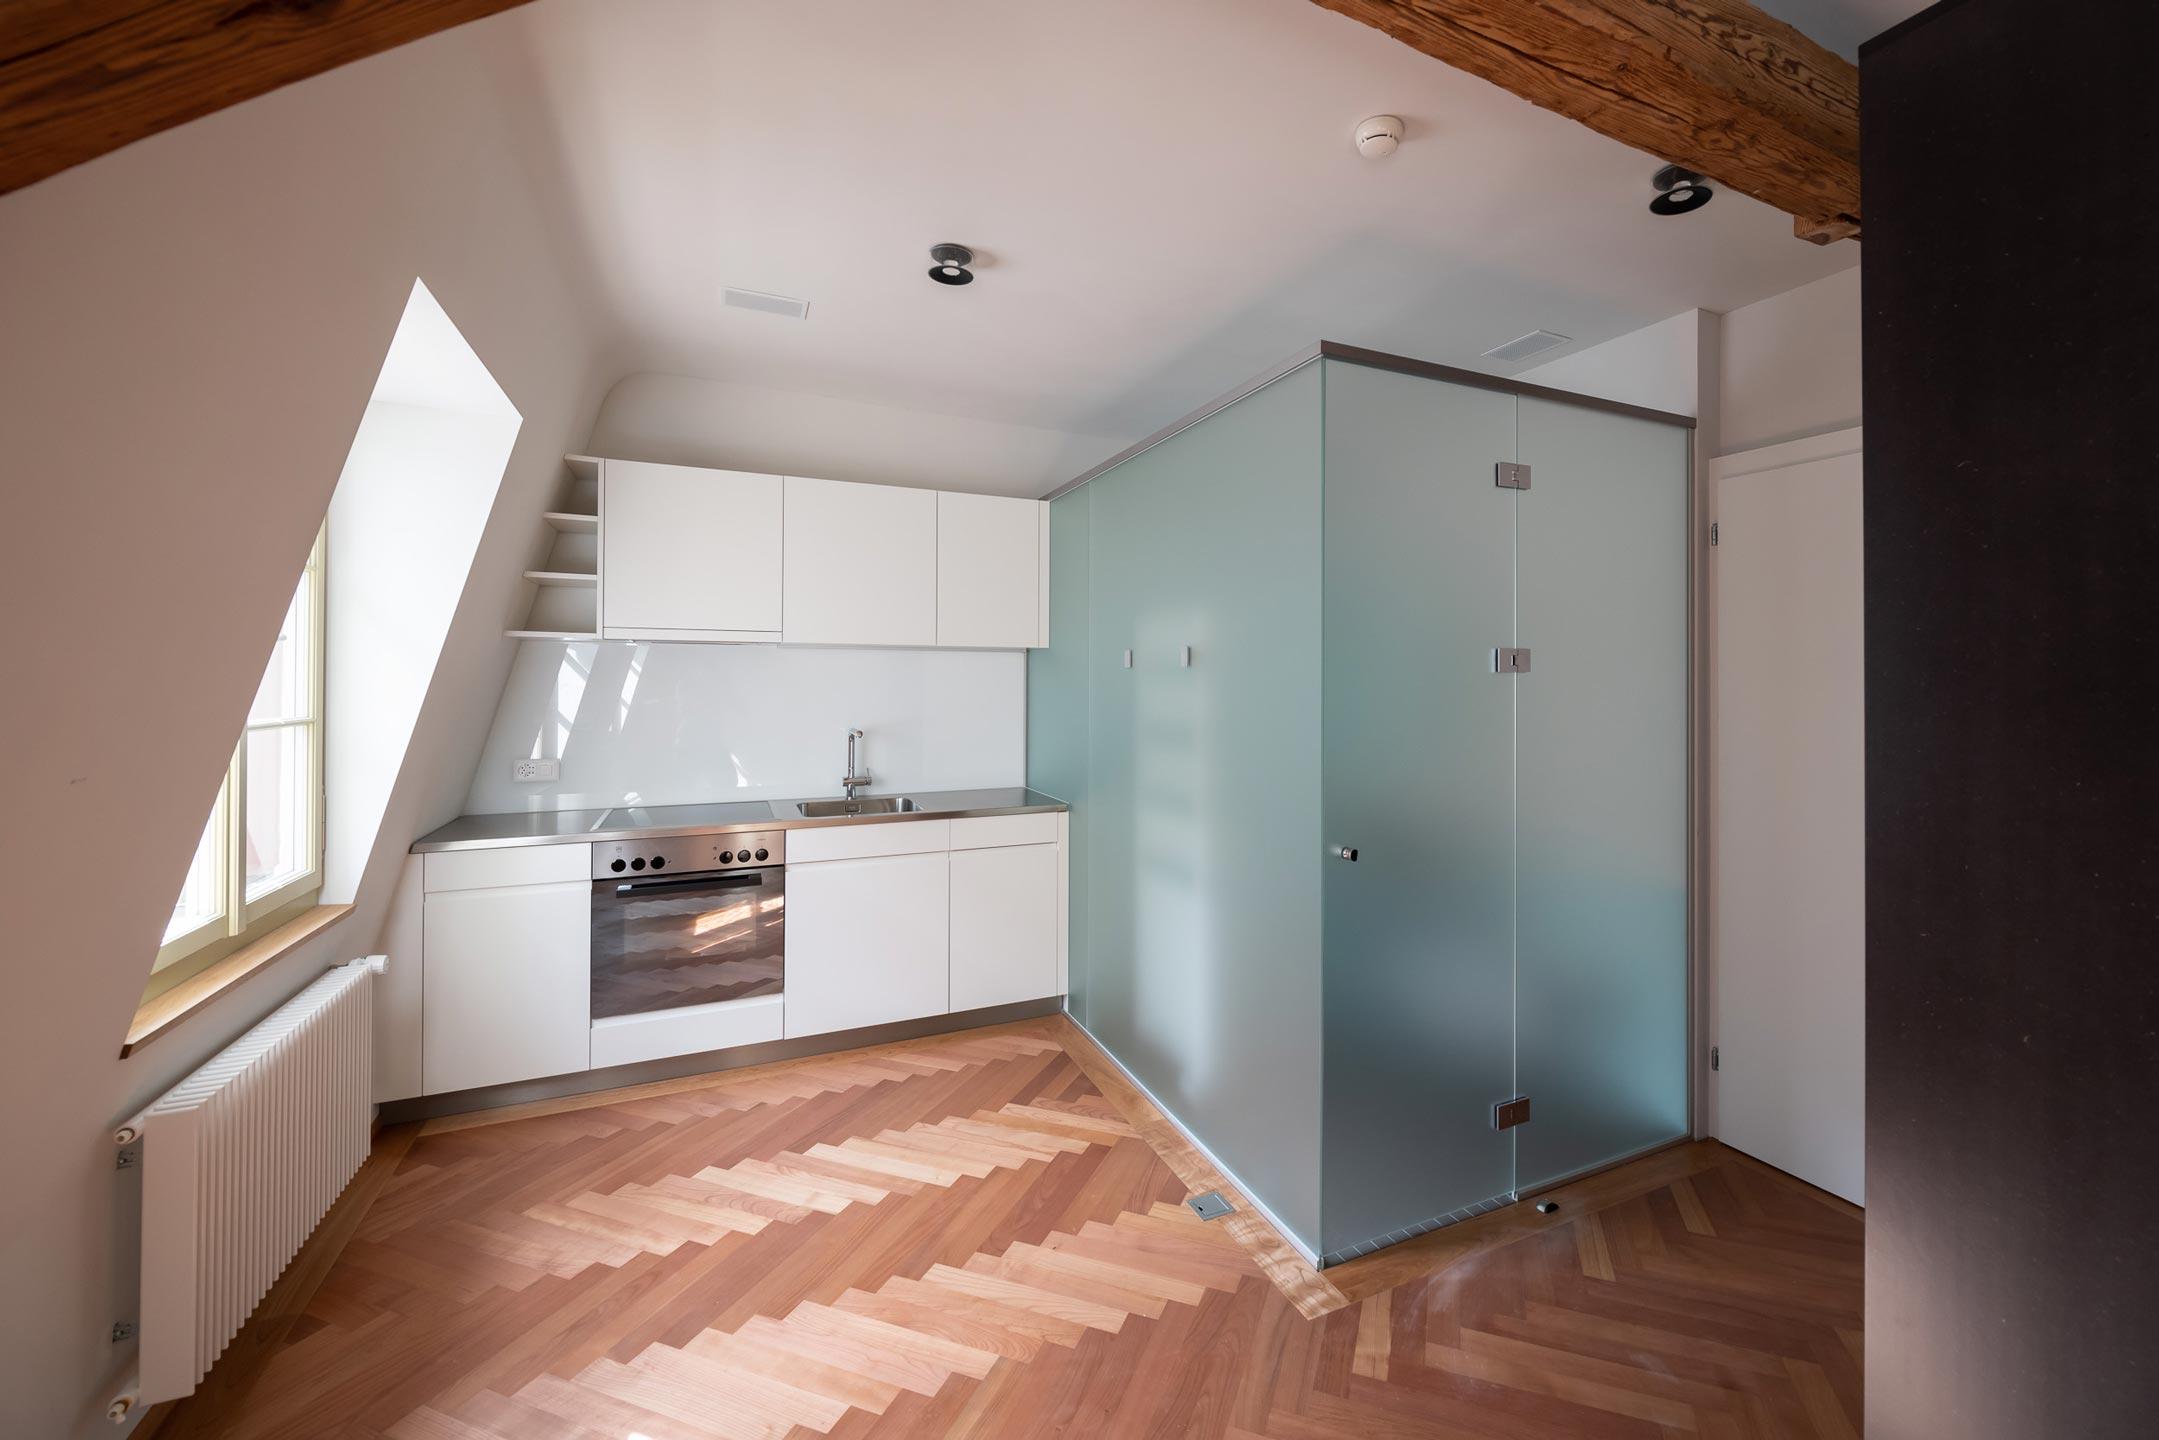 Umbau Hotel Tanne Schaffhausen Studio